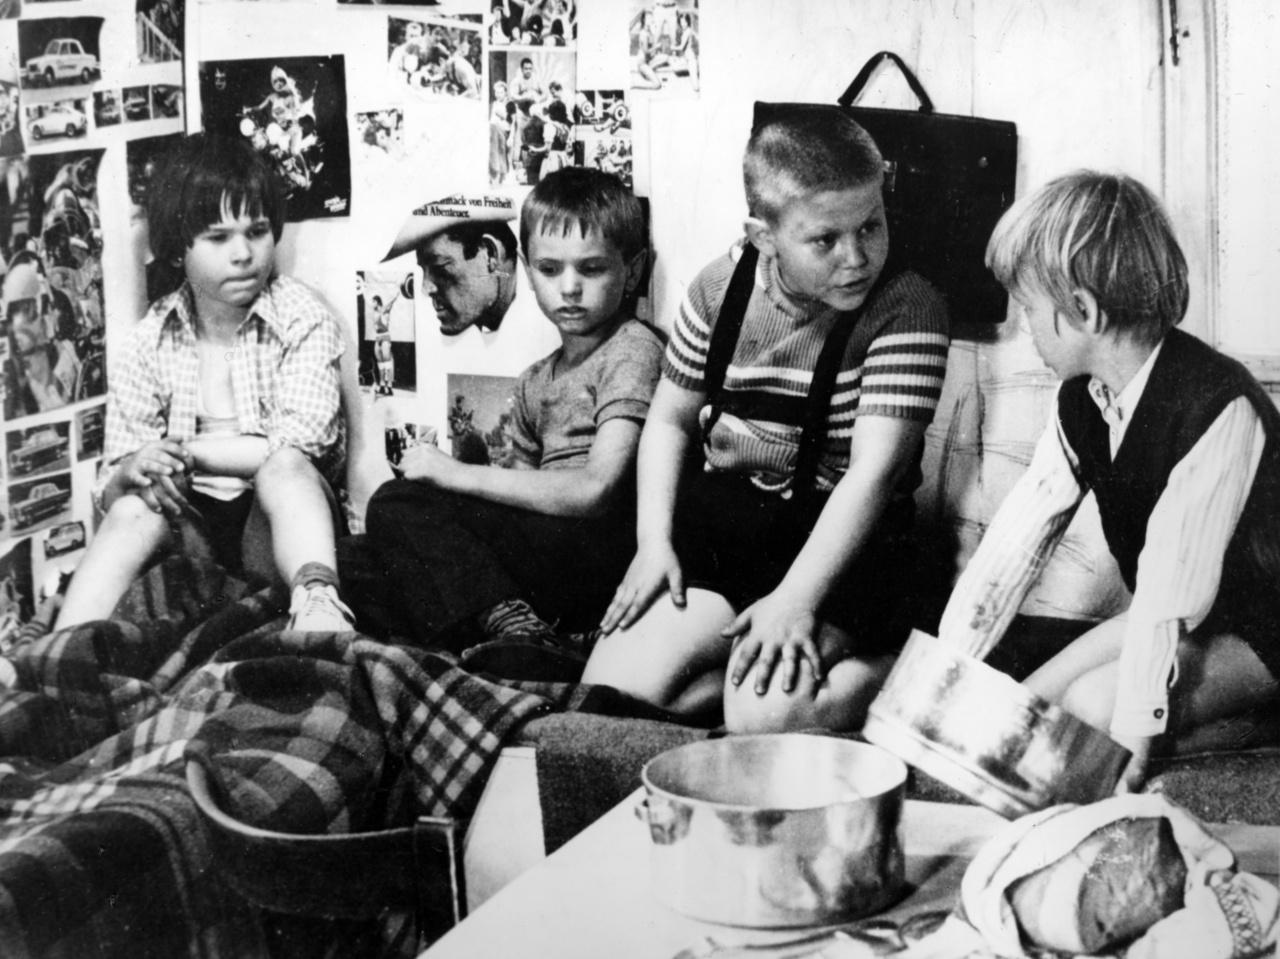 """""""Két hónapon át dolgoztunk, naponta fejenként 300 forintért, ami igencsak jó fizetés volt 1973-ban egy felnőttnek is, nemhogy egy gyereknek"""" – árulta el egy alkalommal Berkes Gábor."""